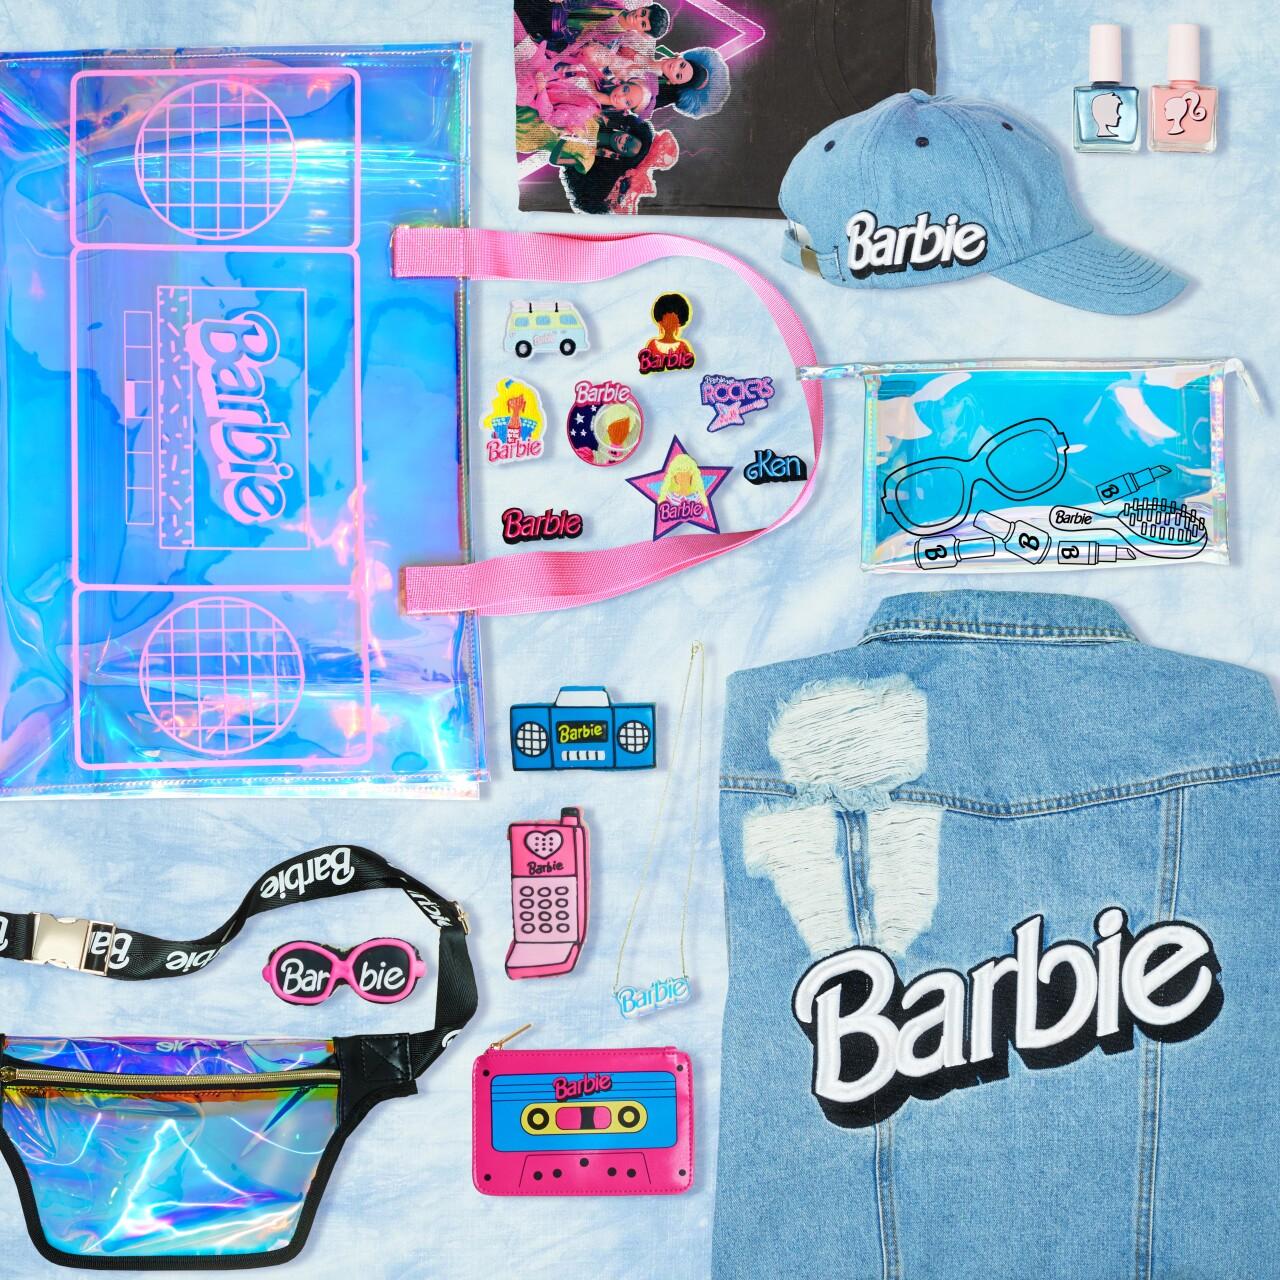 Barbie Merchandise - Pop-up truck